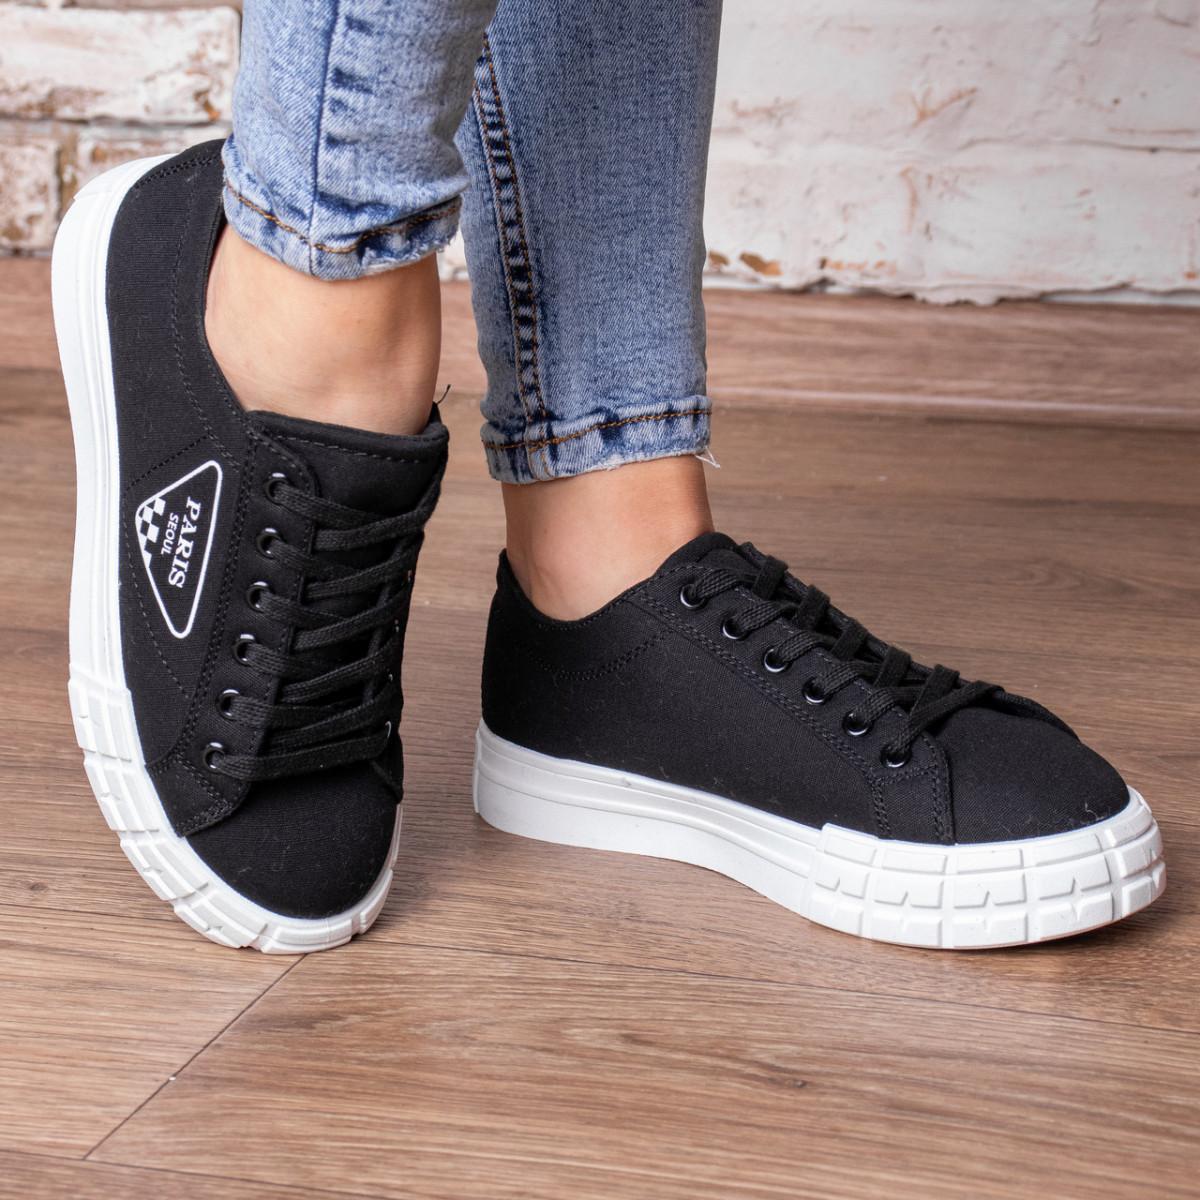 Кросівки жіночі Fashion Yuton 3120 36 розмір 23 см Чорний